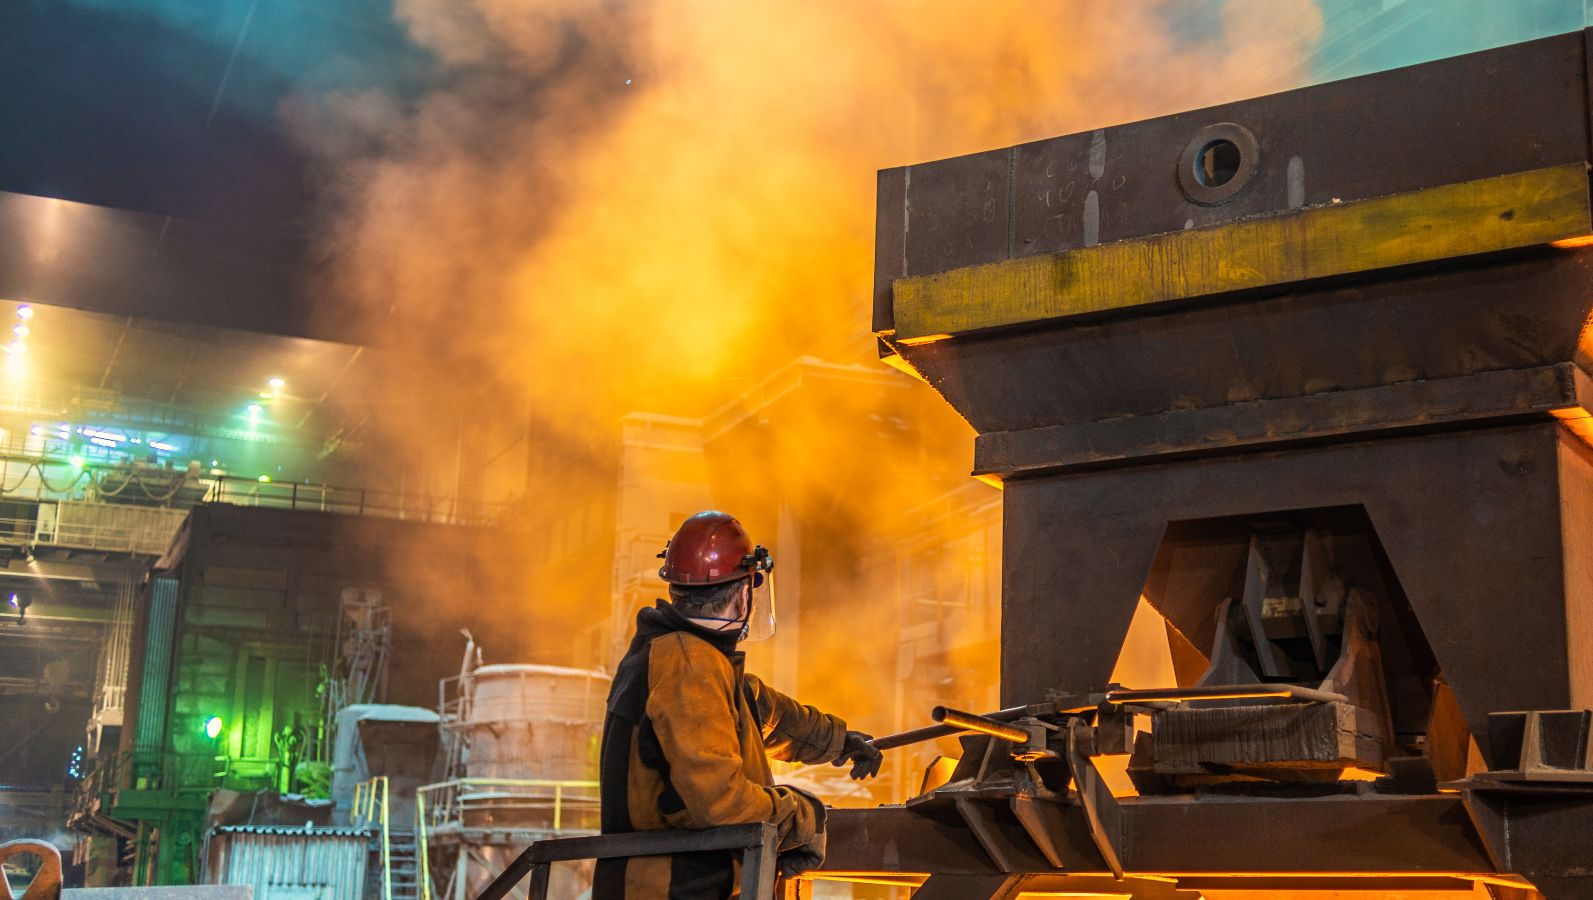 Energieintensive Industrie: Ein Arbeiter am Ofen im Stahlwerk mit glühender Hitze.